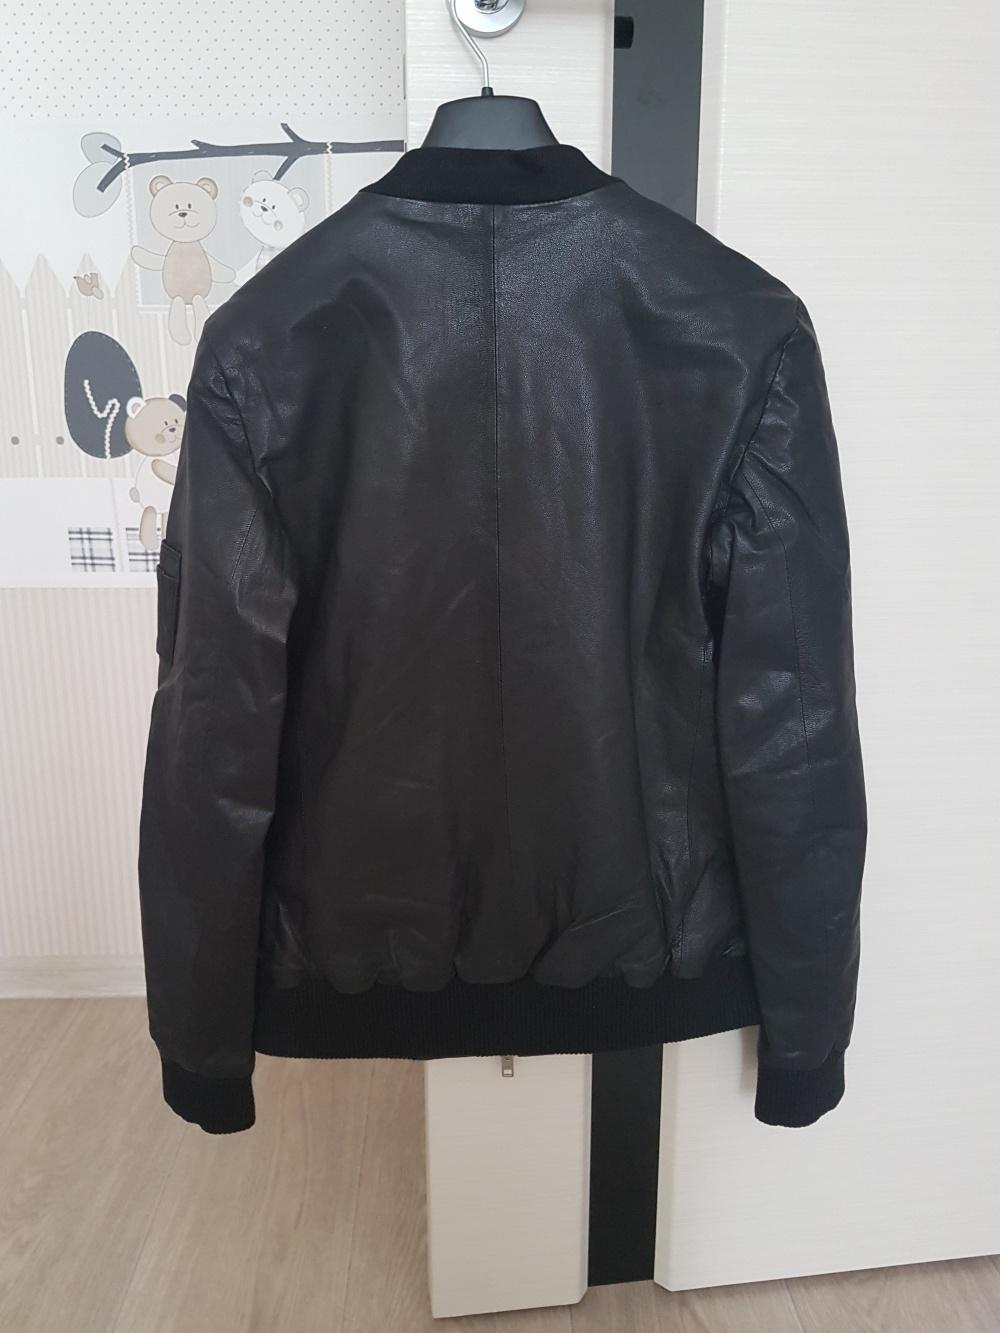 Кожаная куртка Muubaa с меховой отделкой, размер 42-44